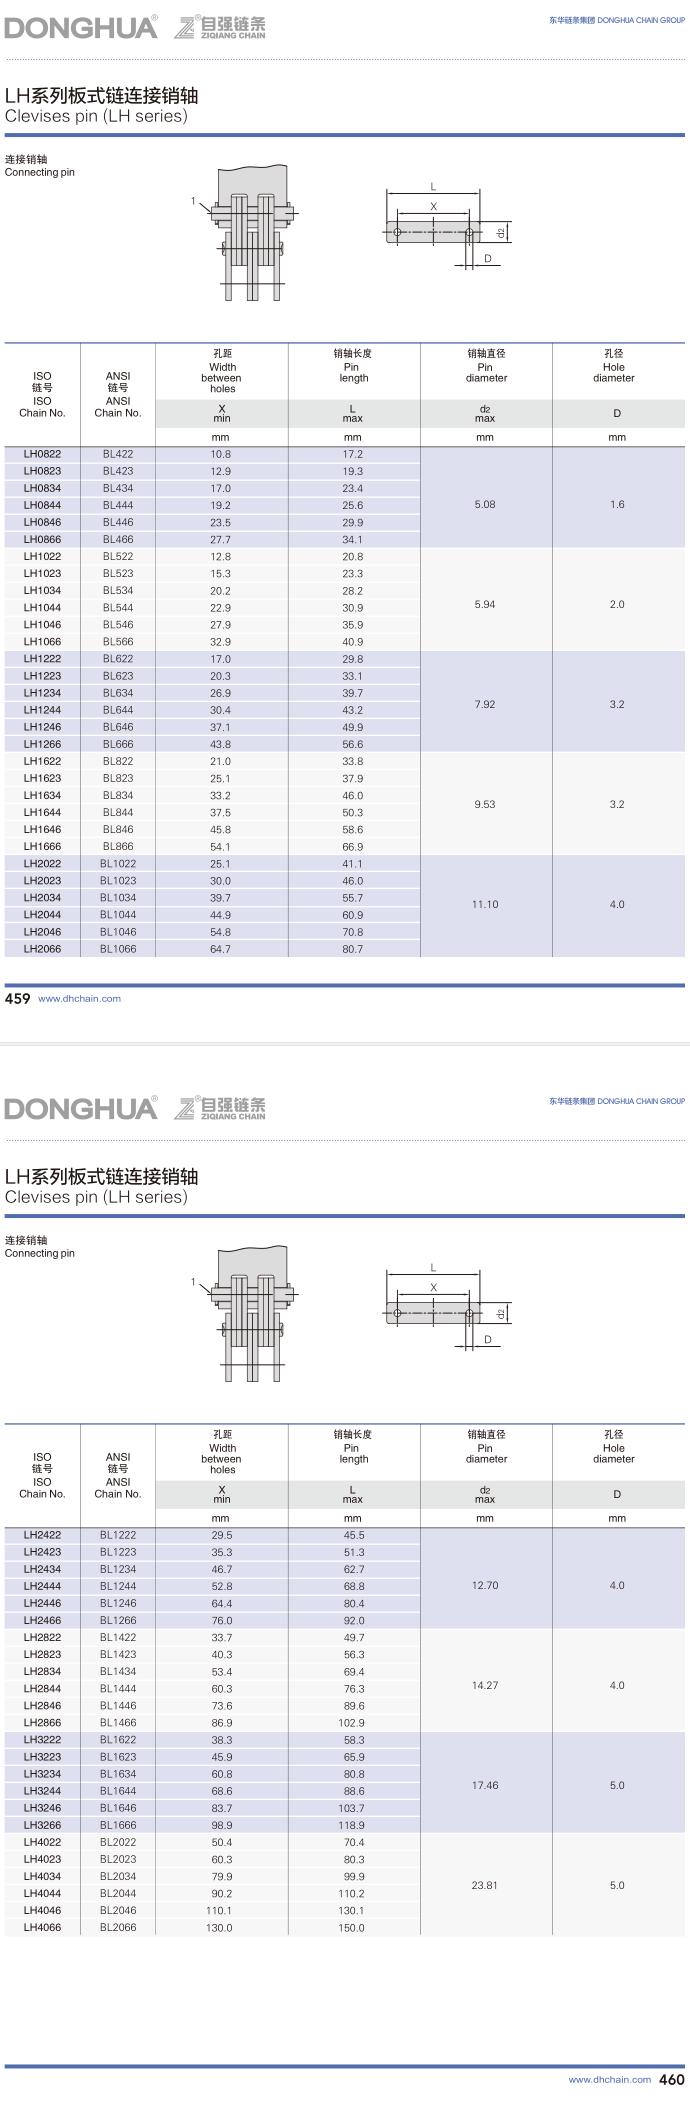 LH系列板式链连接销轴P459-P460